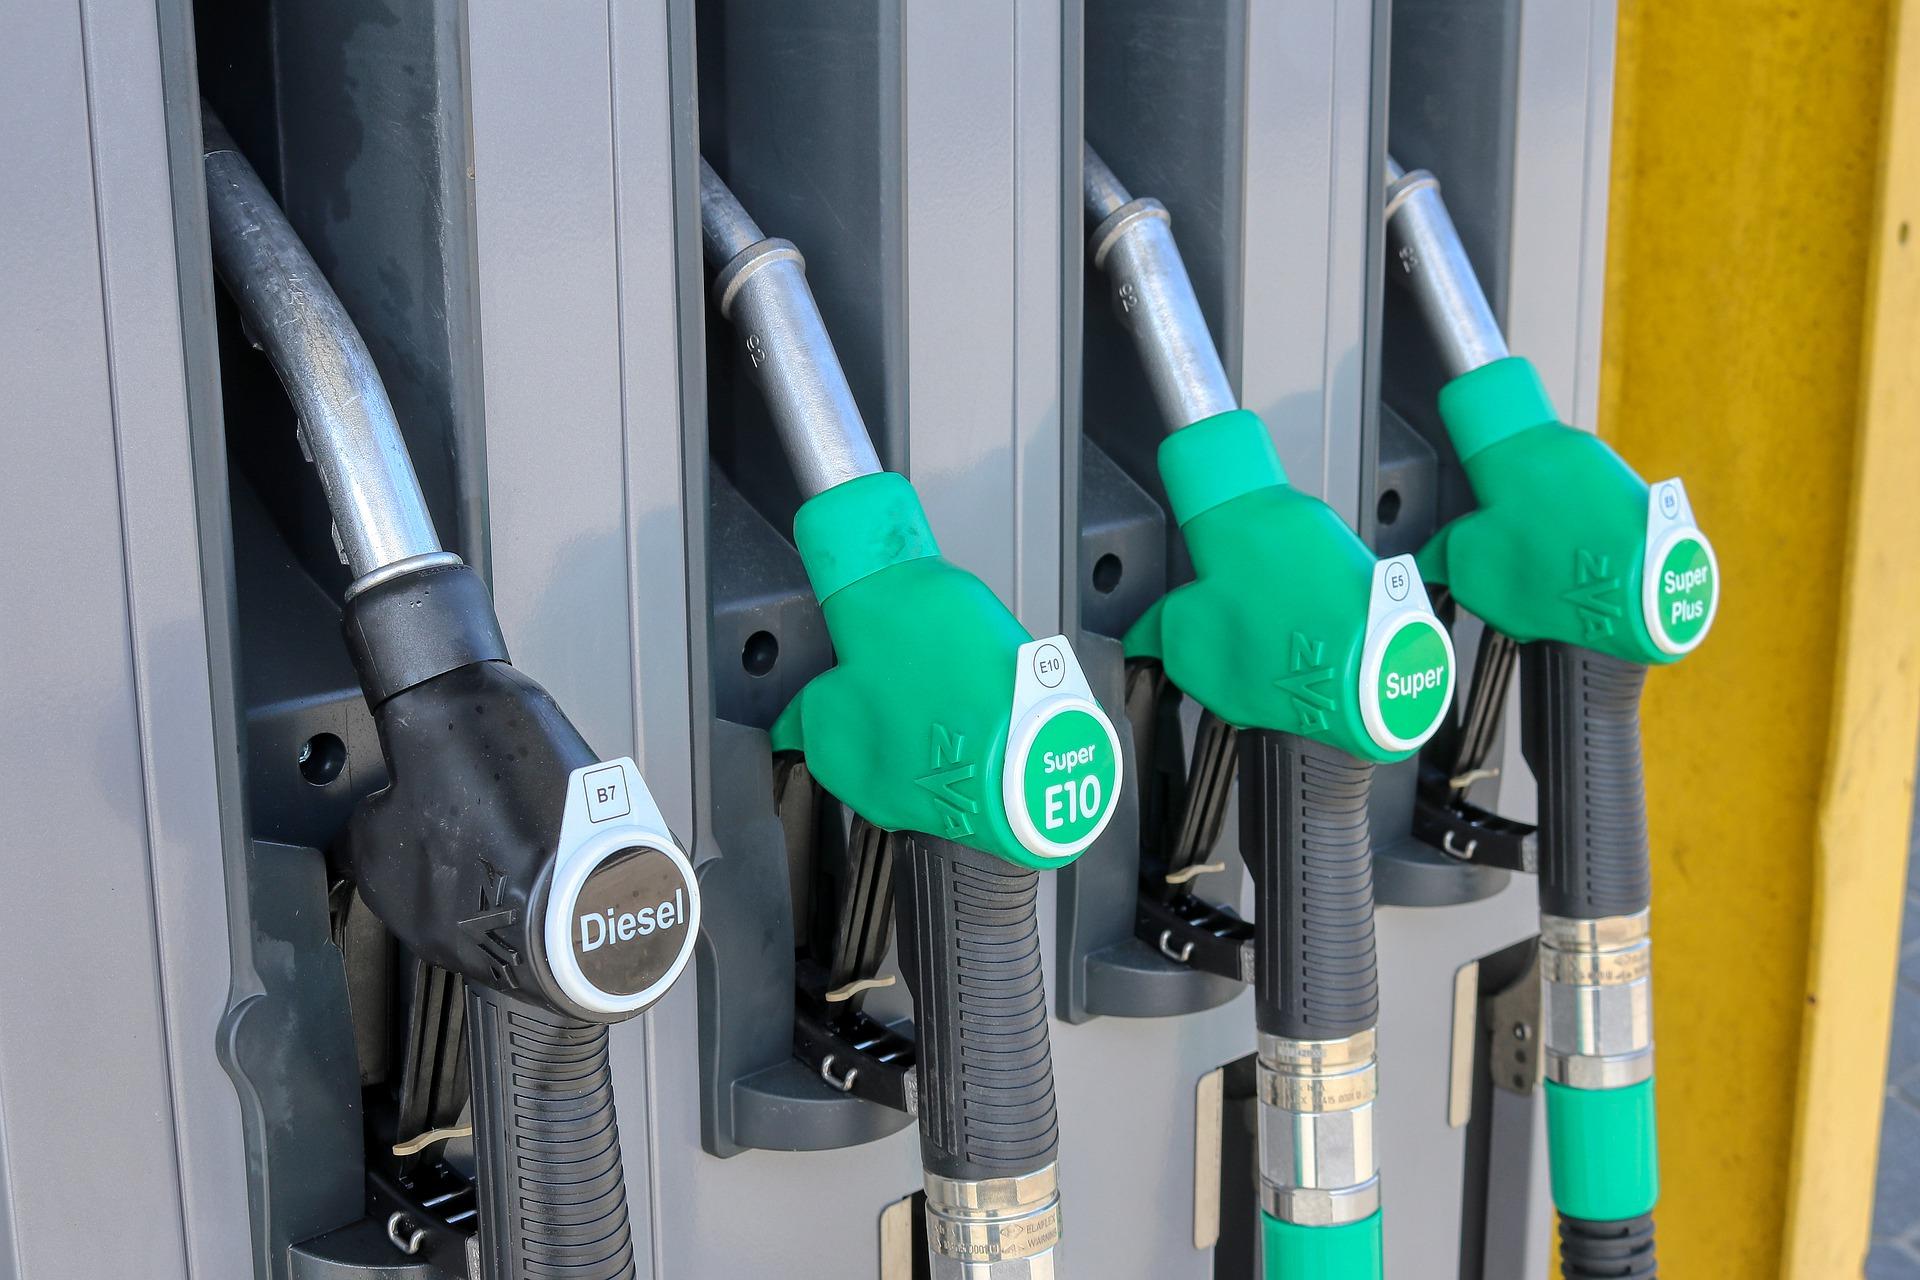 Carburanti, 983 violazioni accertate nel 2019